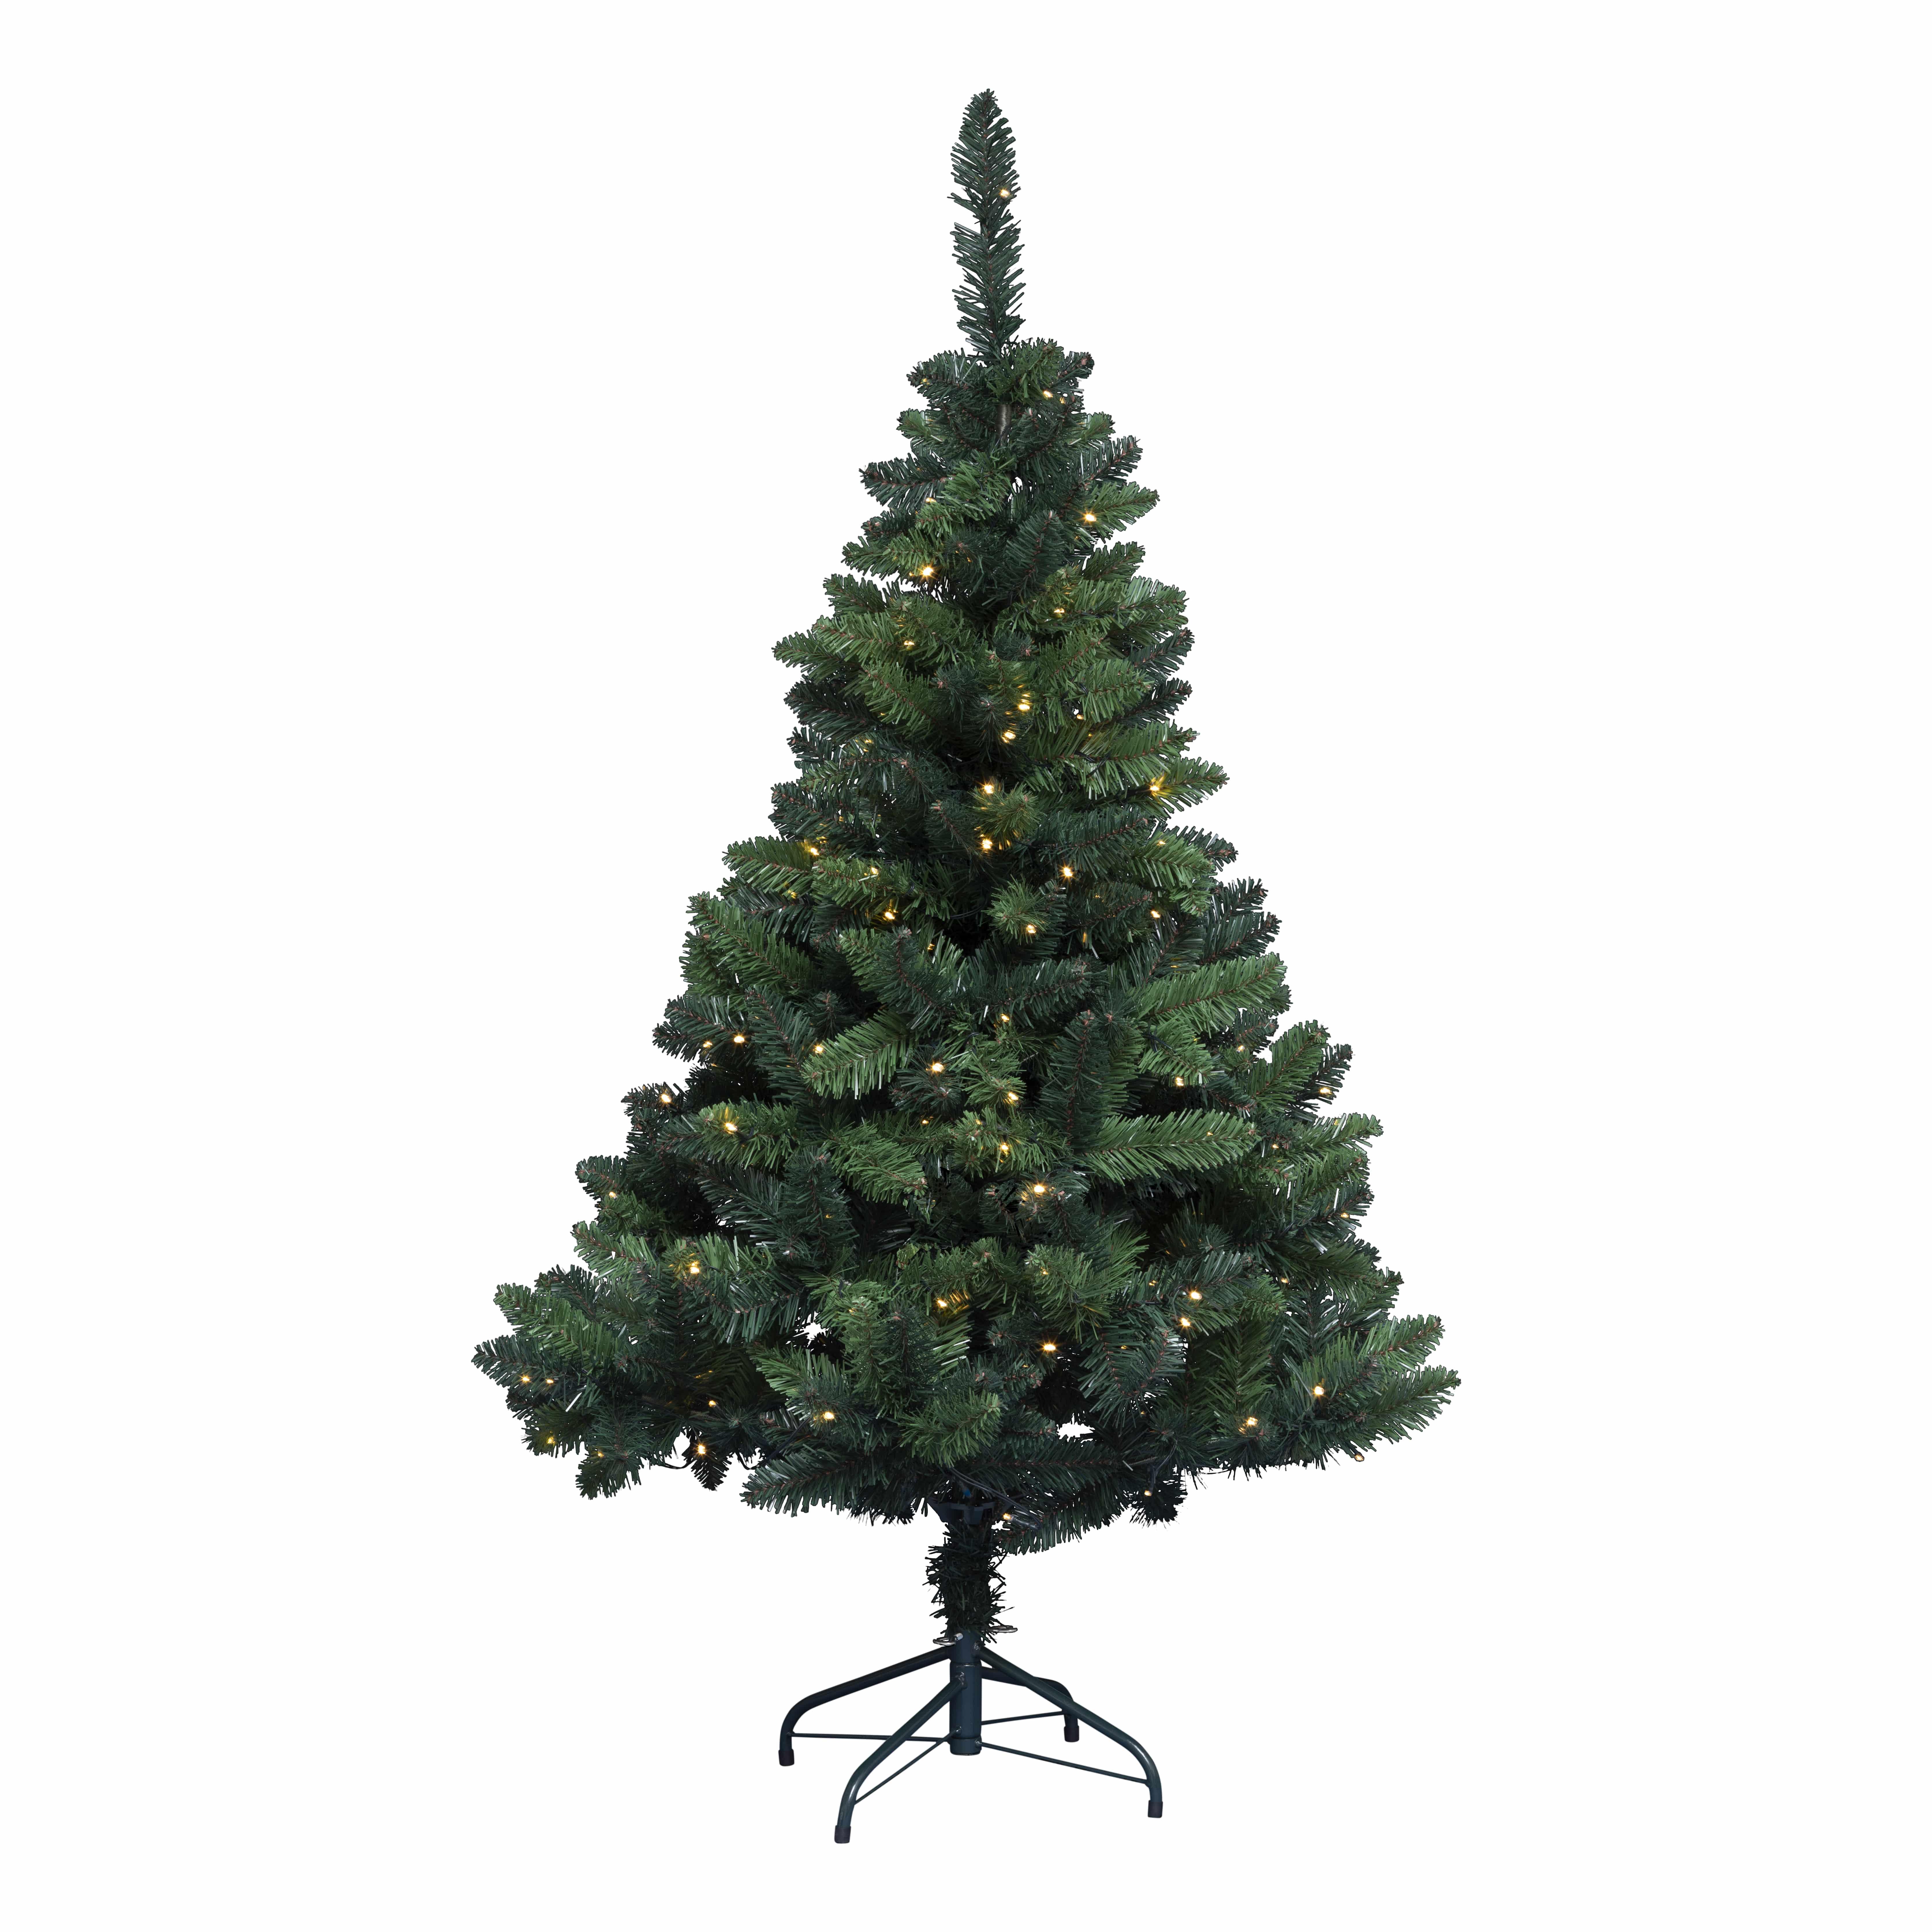 4Goodz kunstkerstboom dennenboom met verlichting 180 cm